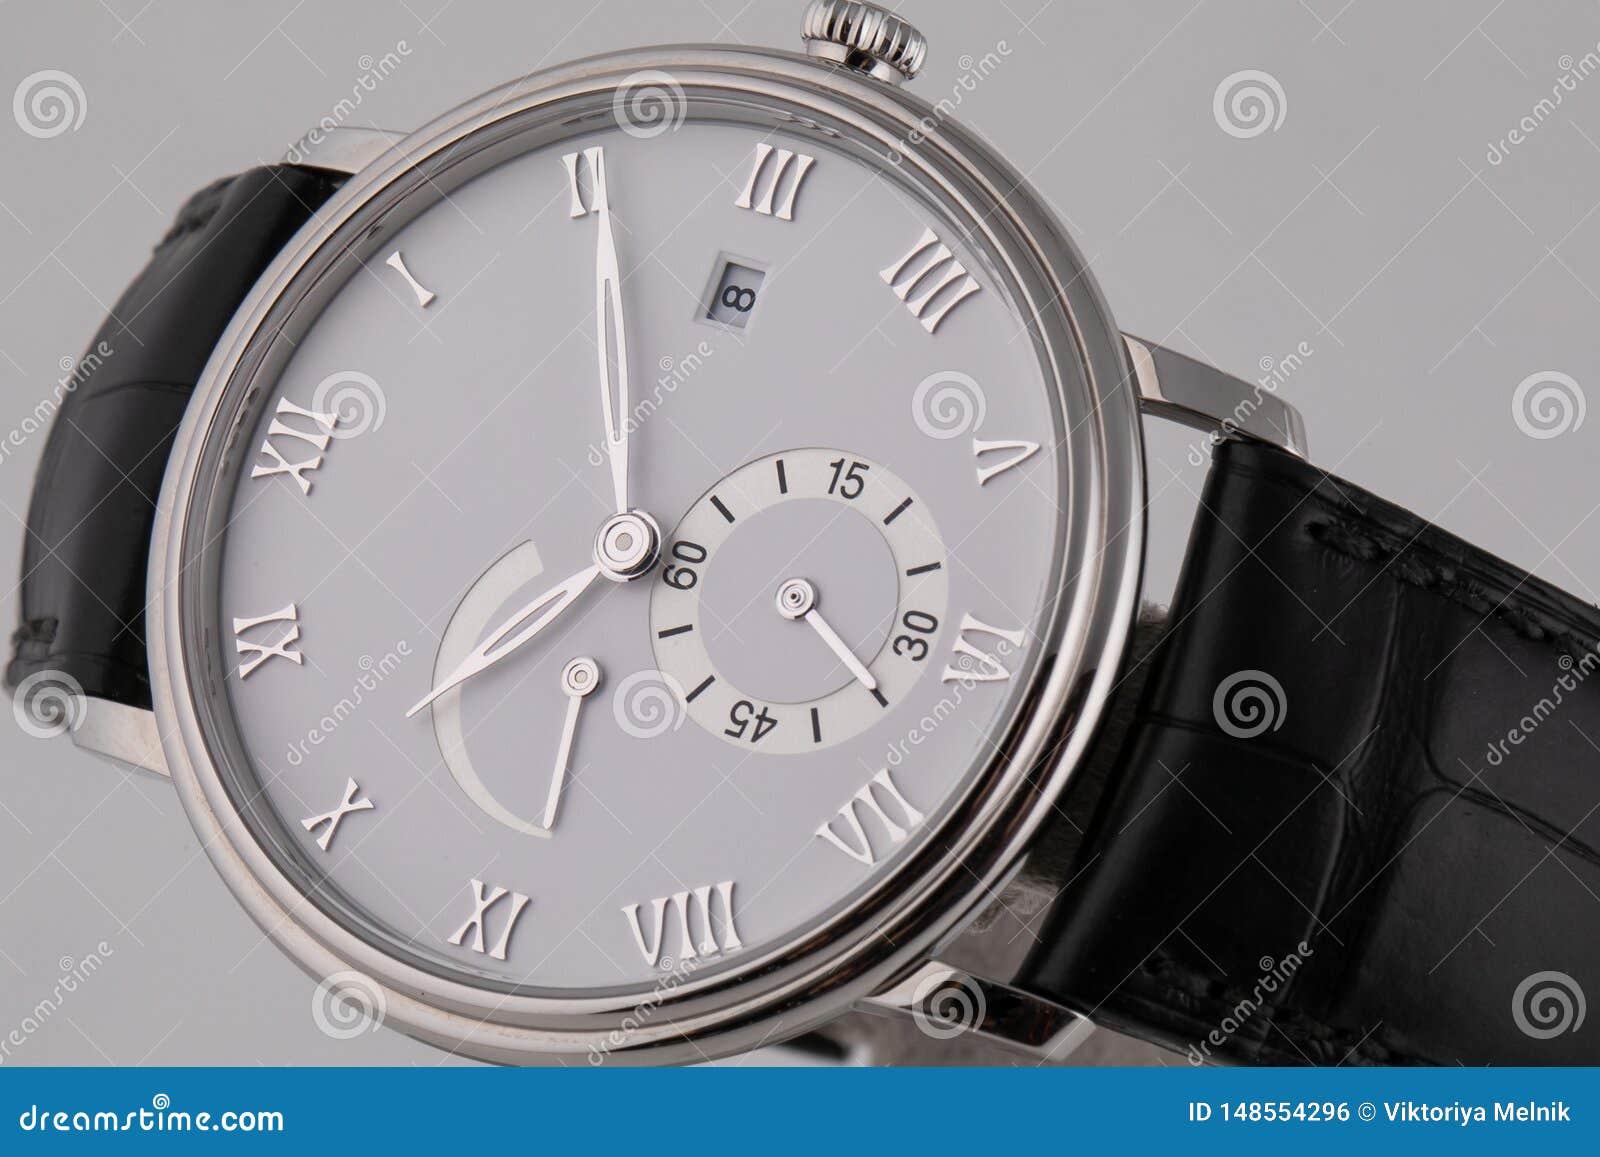 有白色拨号盘的银色手表,银色顺时针,秒表和测时器在白色背景隔绝的黑皮带